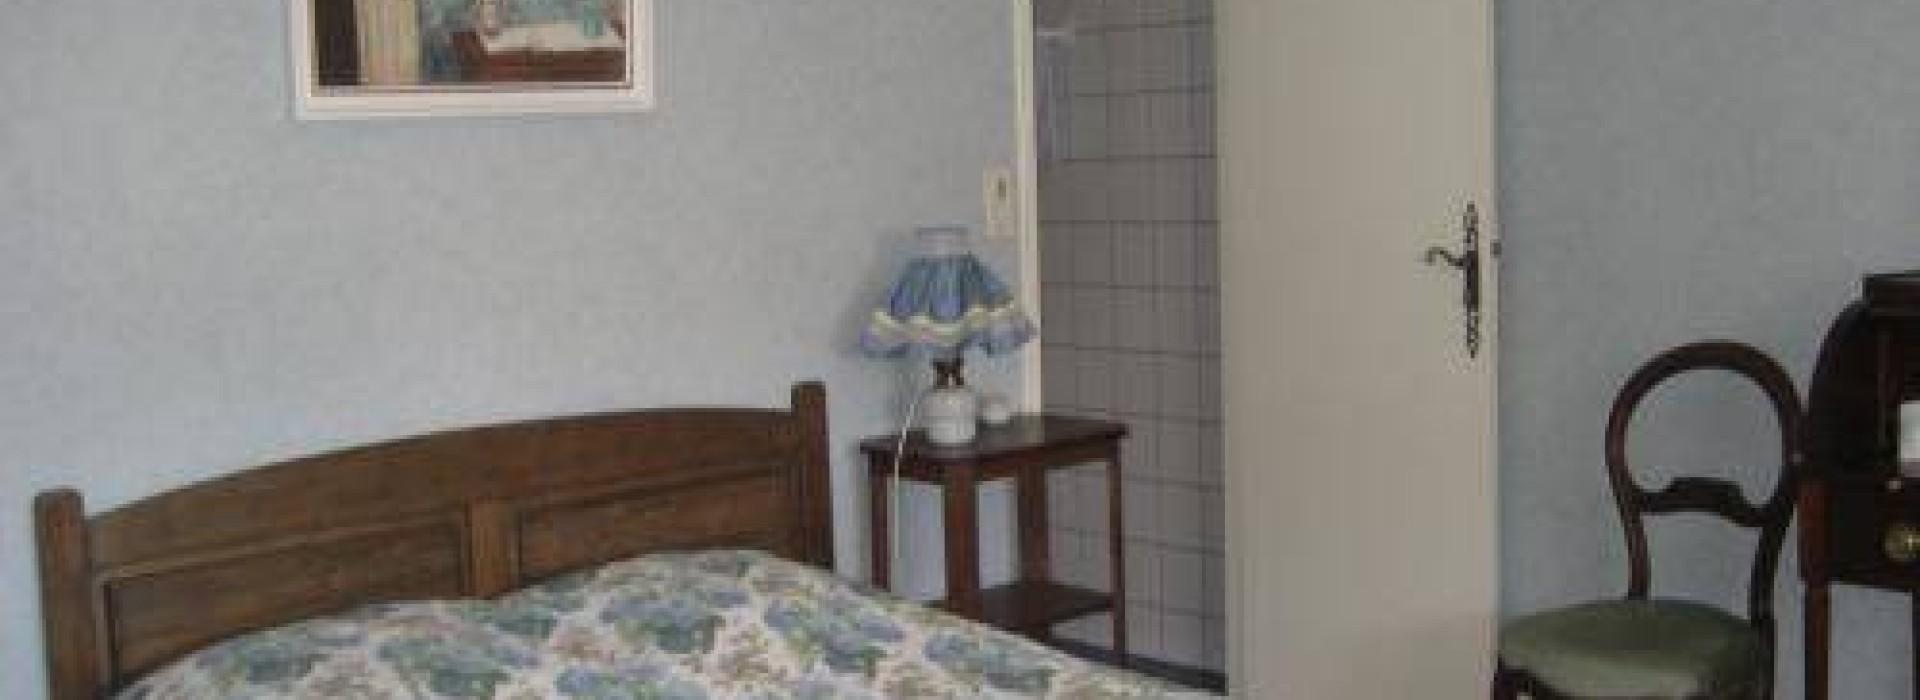 Chambres chez l 39 habitant mr et mme gaboriau chambres d 39 h tes en pays de la loire - Chambre chez l habitant angers ...